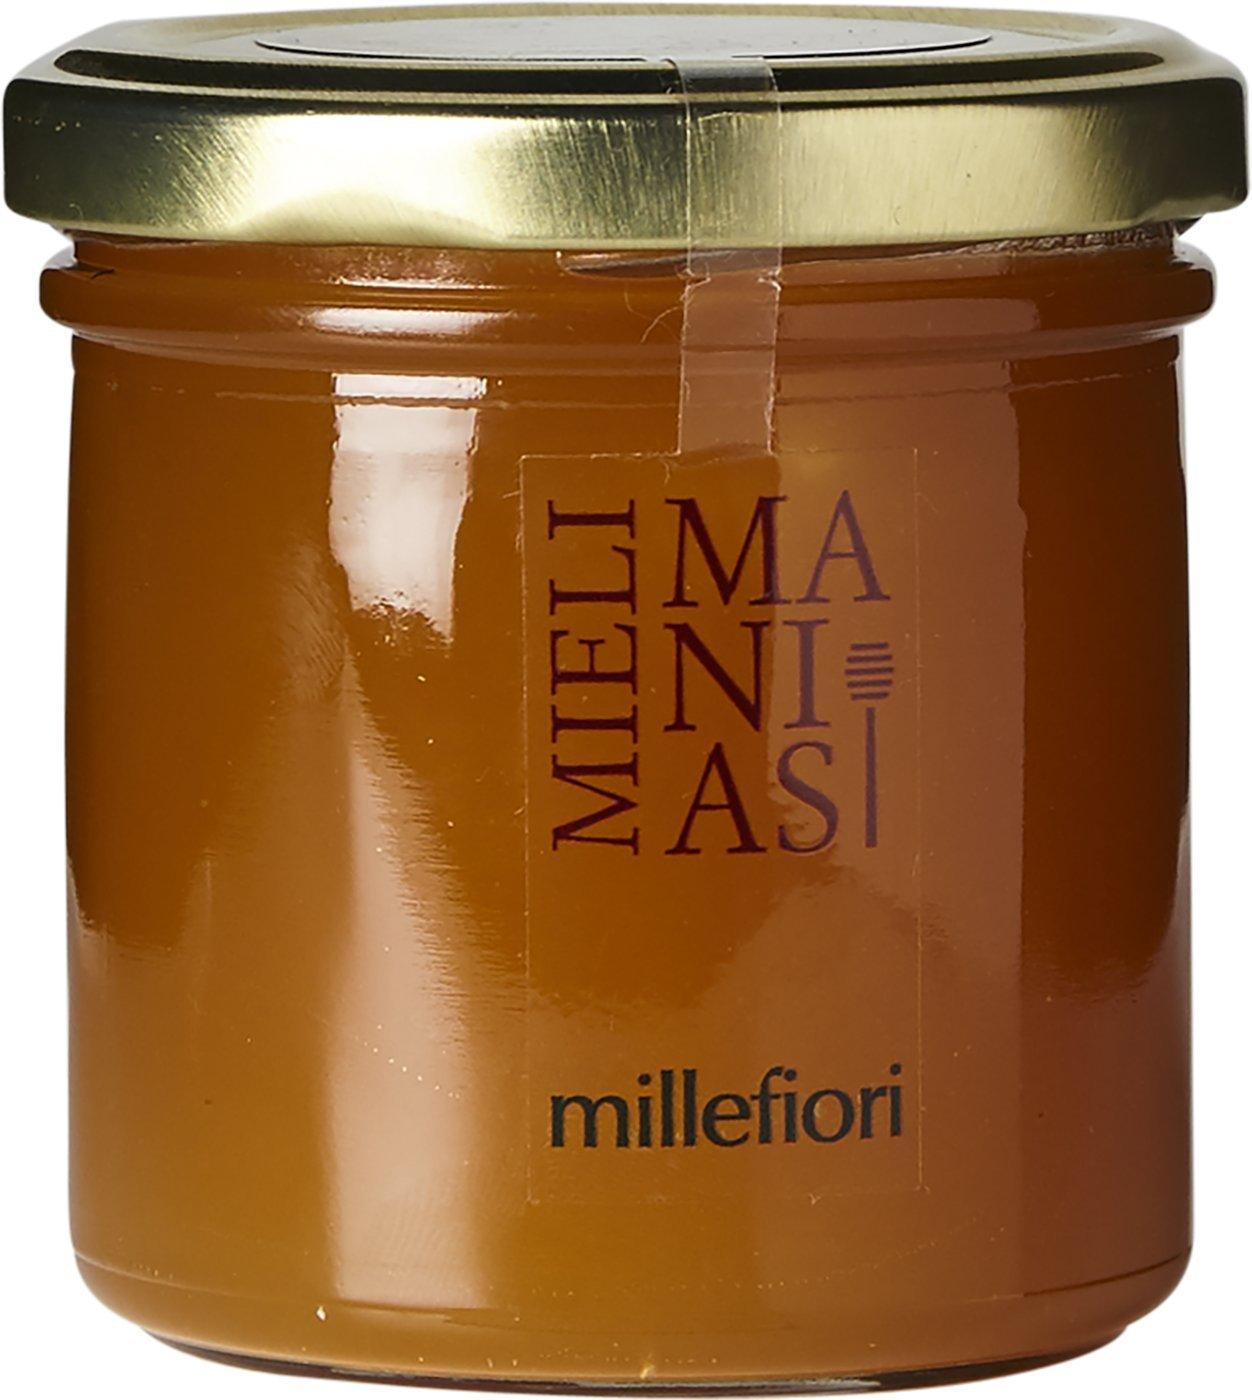 Millefiori Honey Luigi Manias - Sardinia, Italy - 7oz